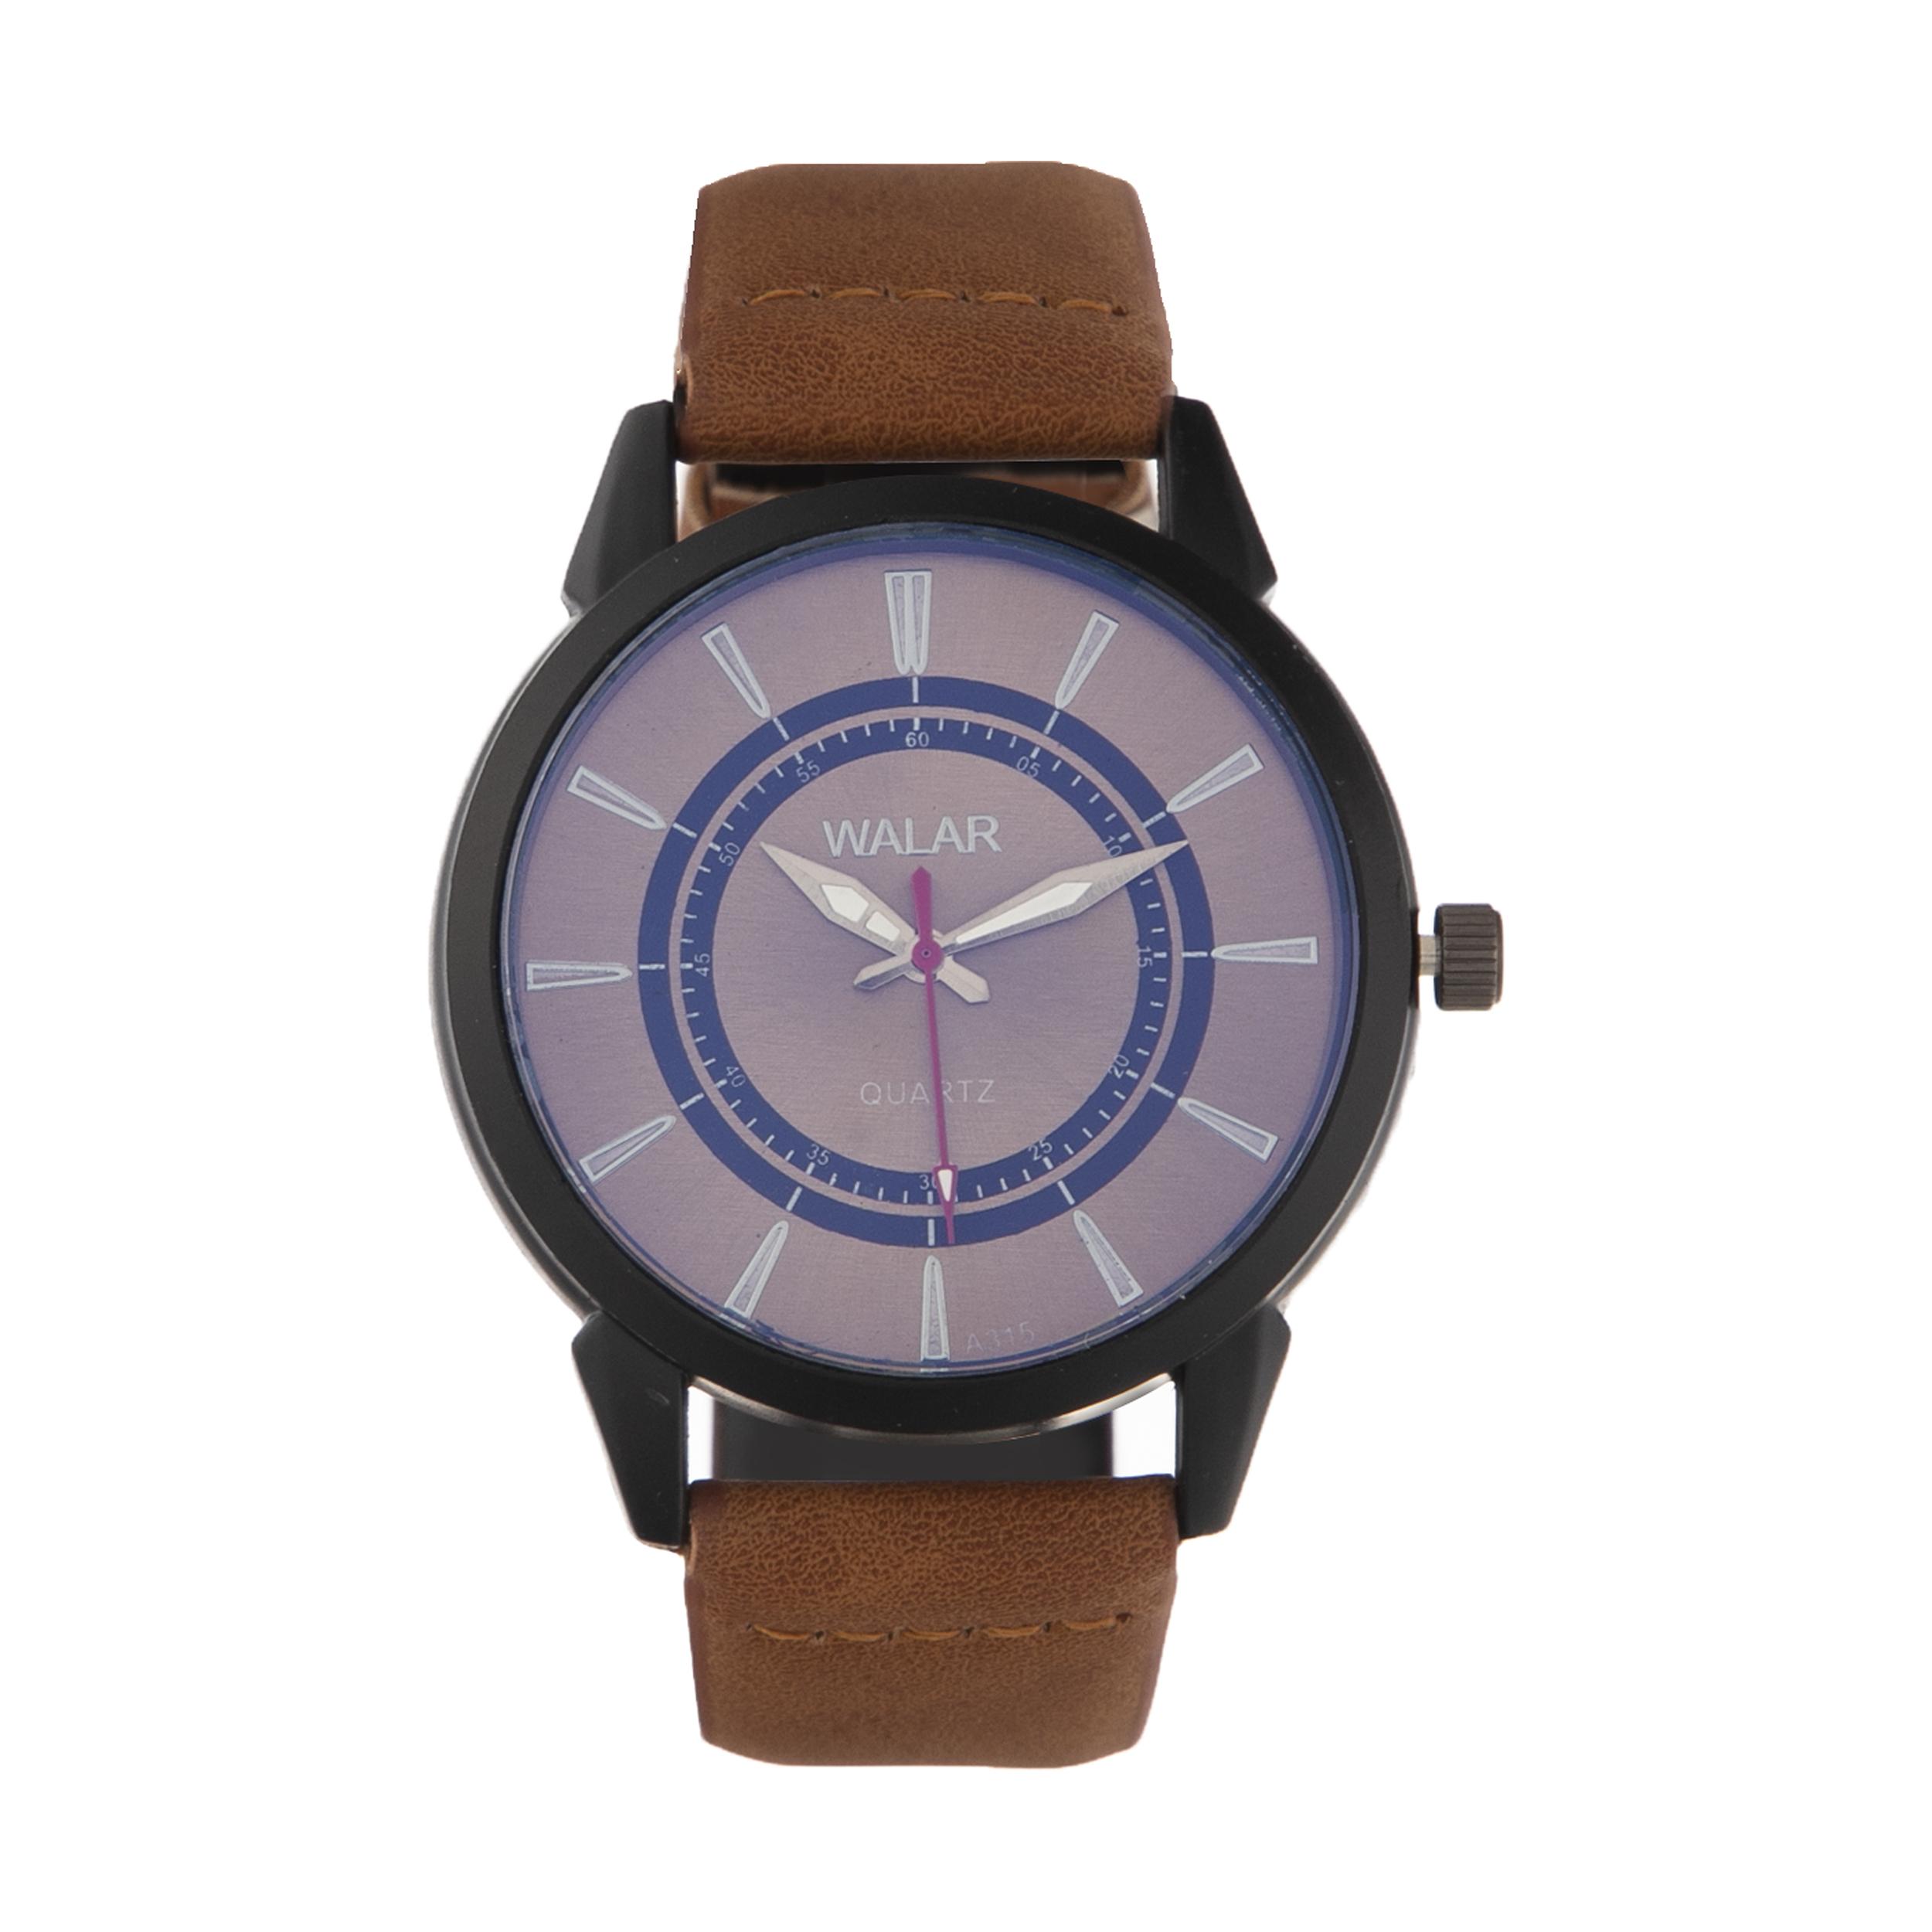 ساعت مچی عقربه ای والار مدل X150              خرید (⭐️⭐️⭐️)